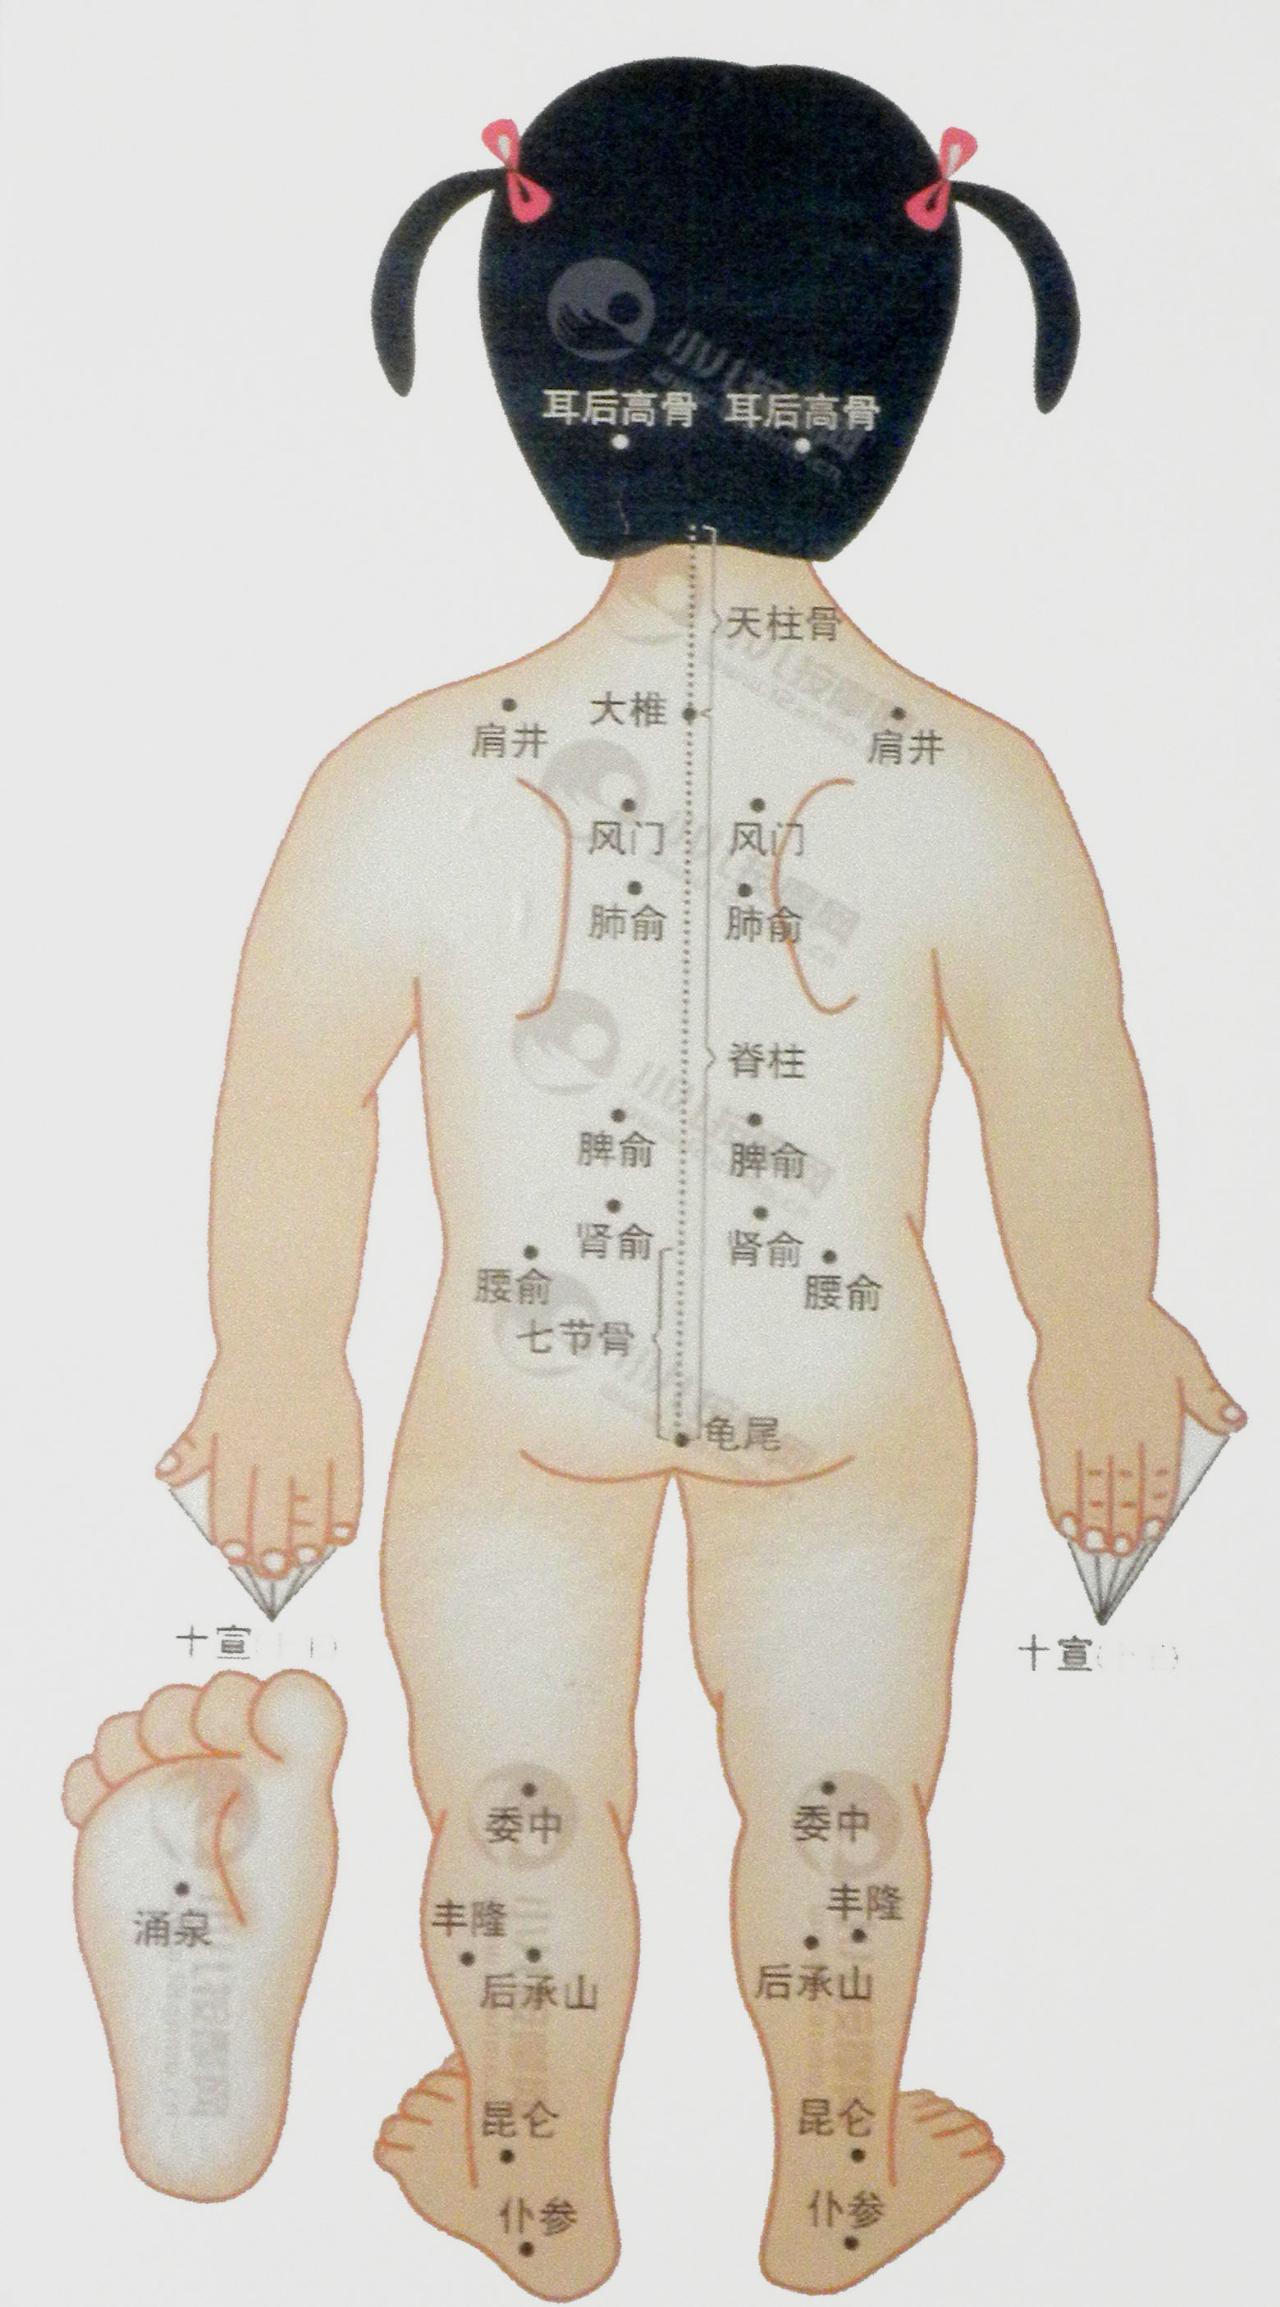 本门诊采用绿色疗法,不吃药、不打针,【小儿推拿治疗】感冒、发烧、咳嗽、厌食、腹泻、便泌、惊吓、强壮身体、提高免疫力,提高记忆力。为了您的宝宝免受药物的危害,请选用小儿推拿治疗。由30多年儿科临床经验医师坐诊。 地址:中心广场新辉小区(老县医院院内)10号楼4单元1楼 联系电话:13676356722 工作时间:上午8:0012:00 下午2:005:00 联系我时请说明是在阳谷在线看到的 同城交易请当面进行,以免造成损失。外地交易信息或者超低价商品请慎重,谨防上当受骗。